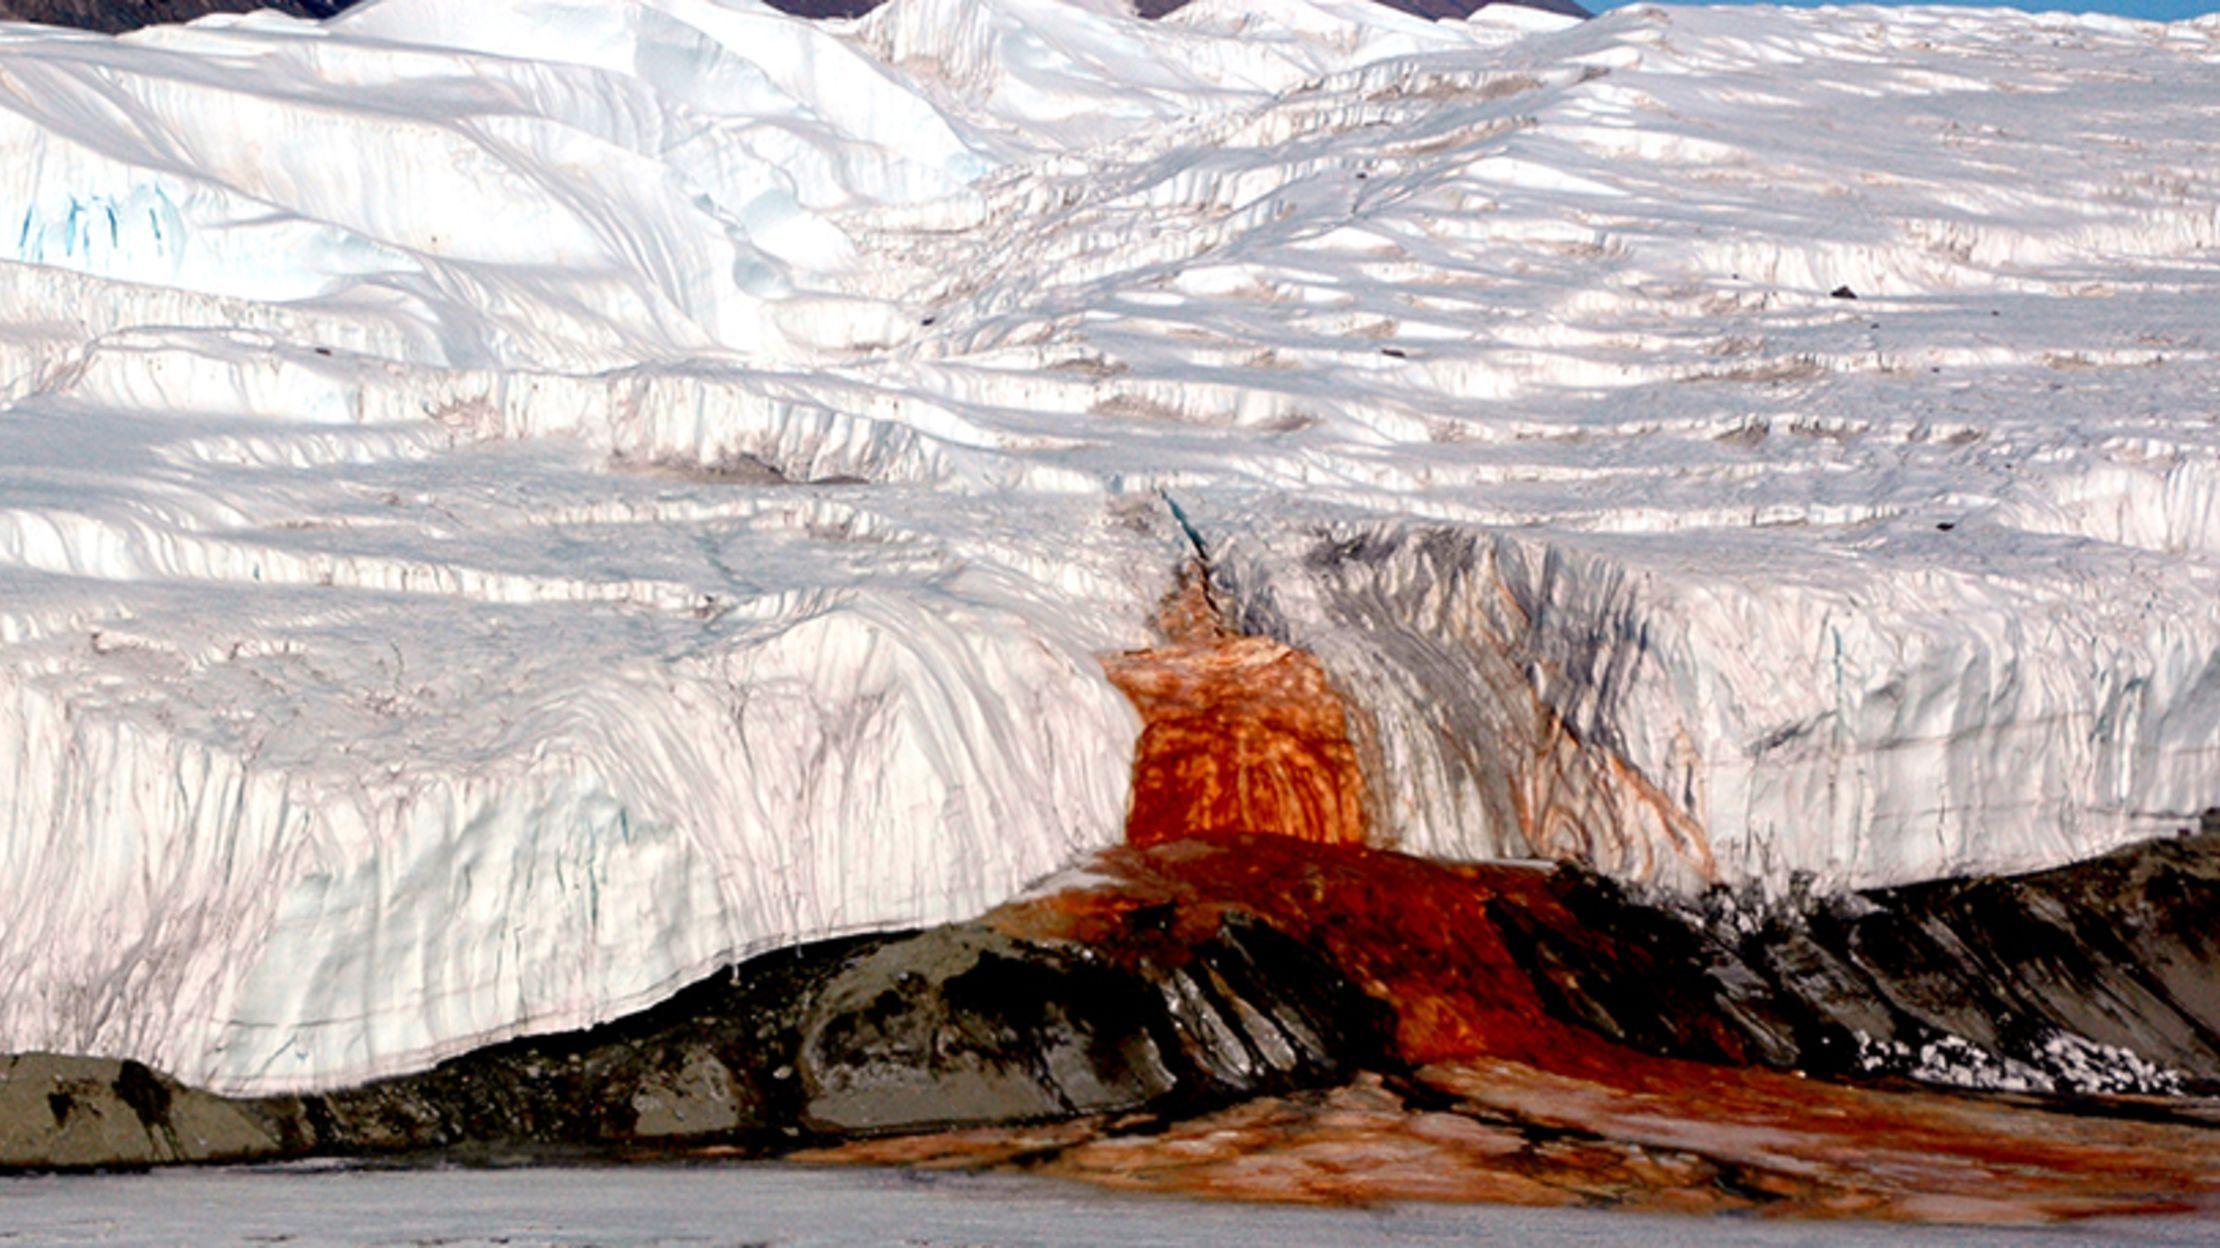 Le misteriose cascate di sangue dell'Antartide: scopriamo di che si tratta